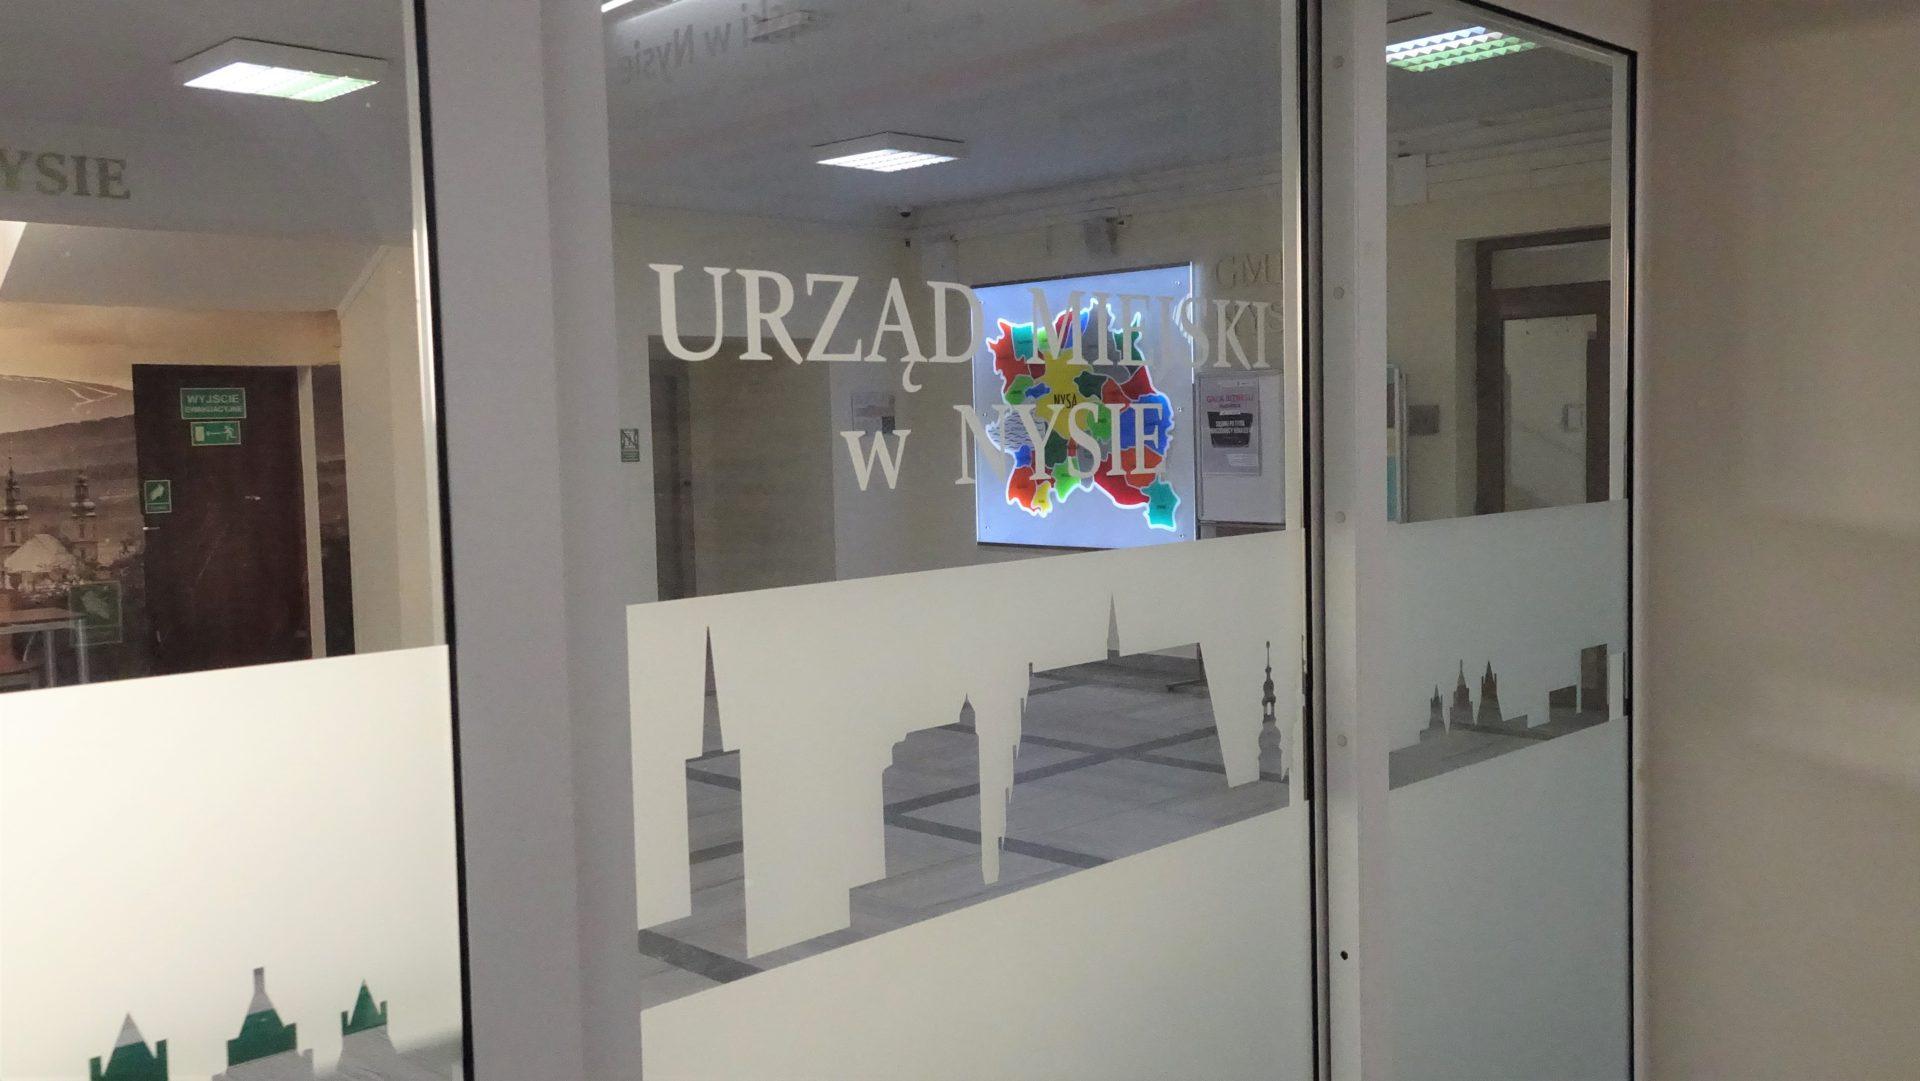 Urząd Miejski od 29 marca zamknięty